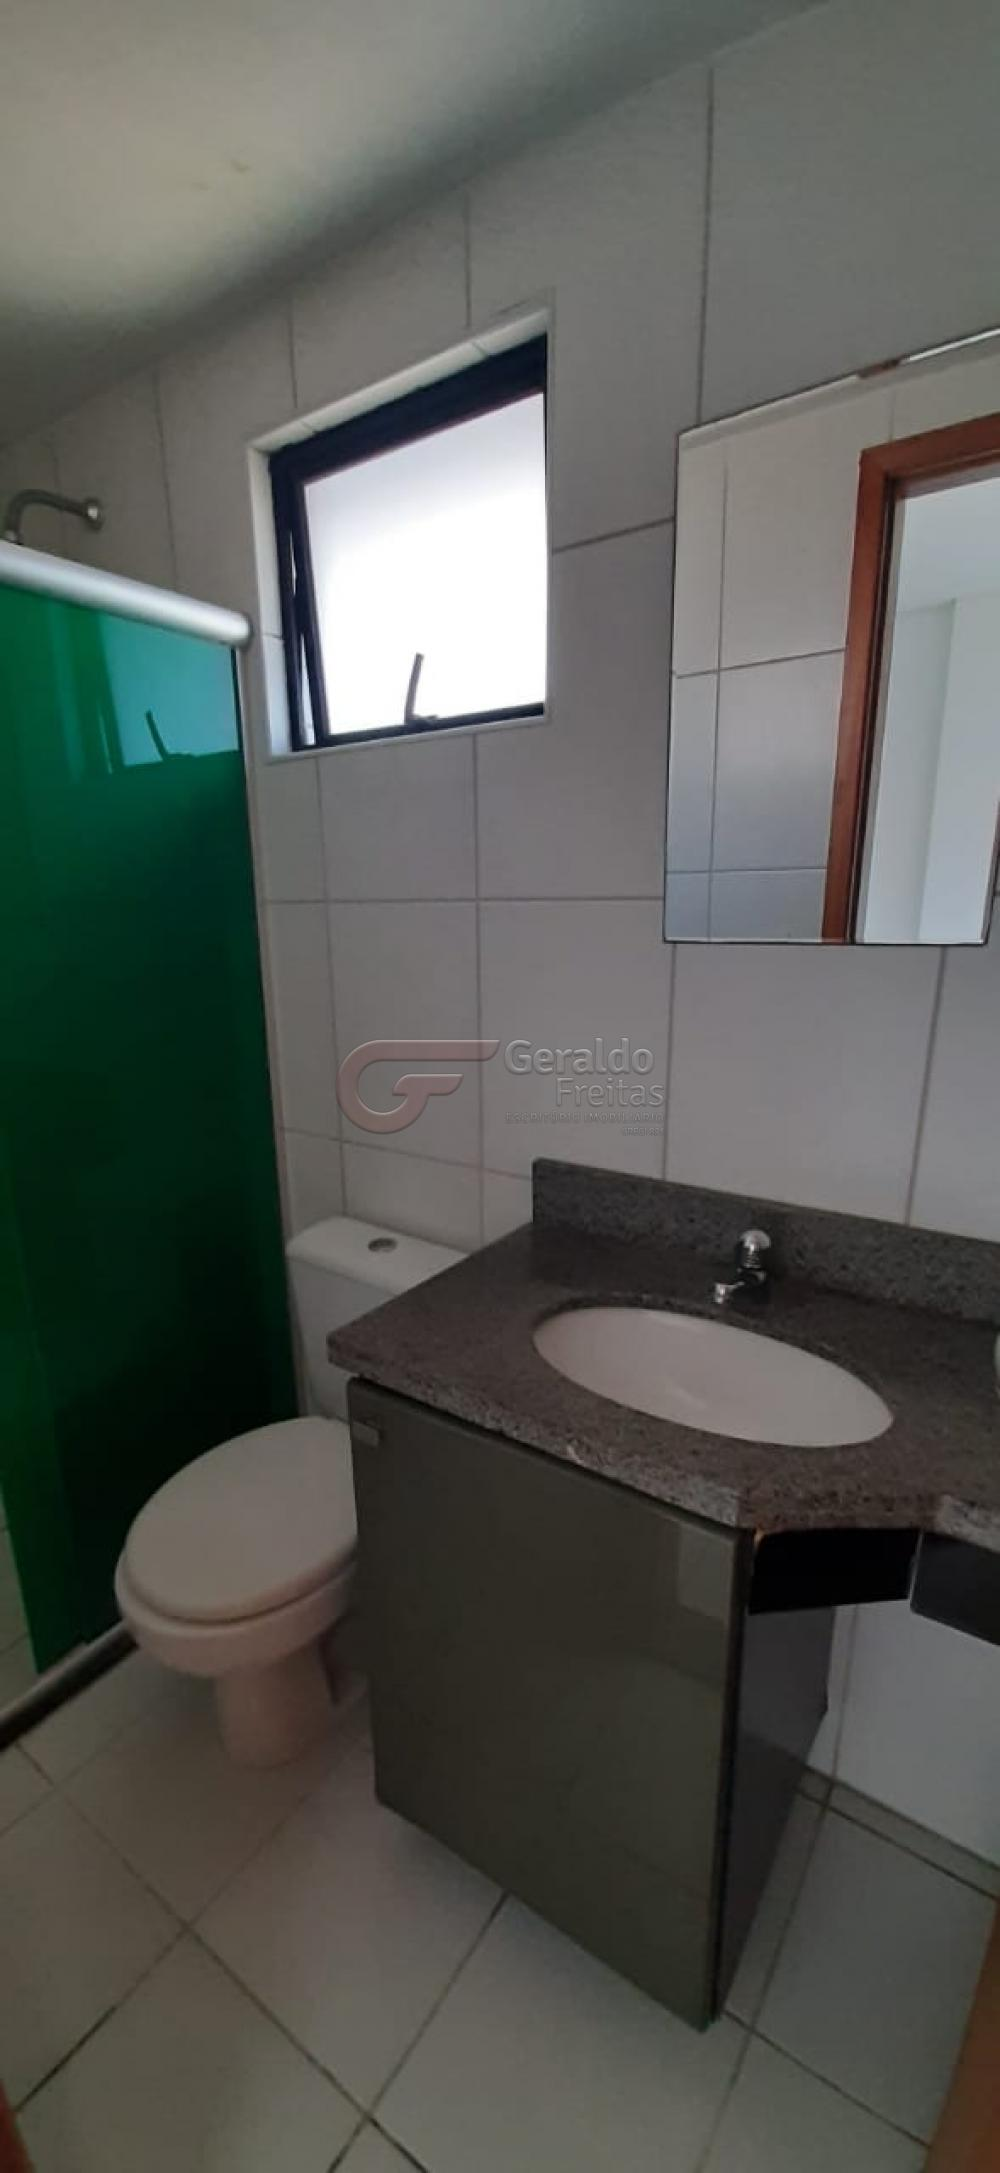 Comprar Apartamentos / 02 quartos em Maceió apenas R$ 280.000,00 - Foto 9